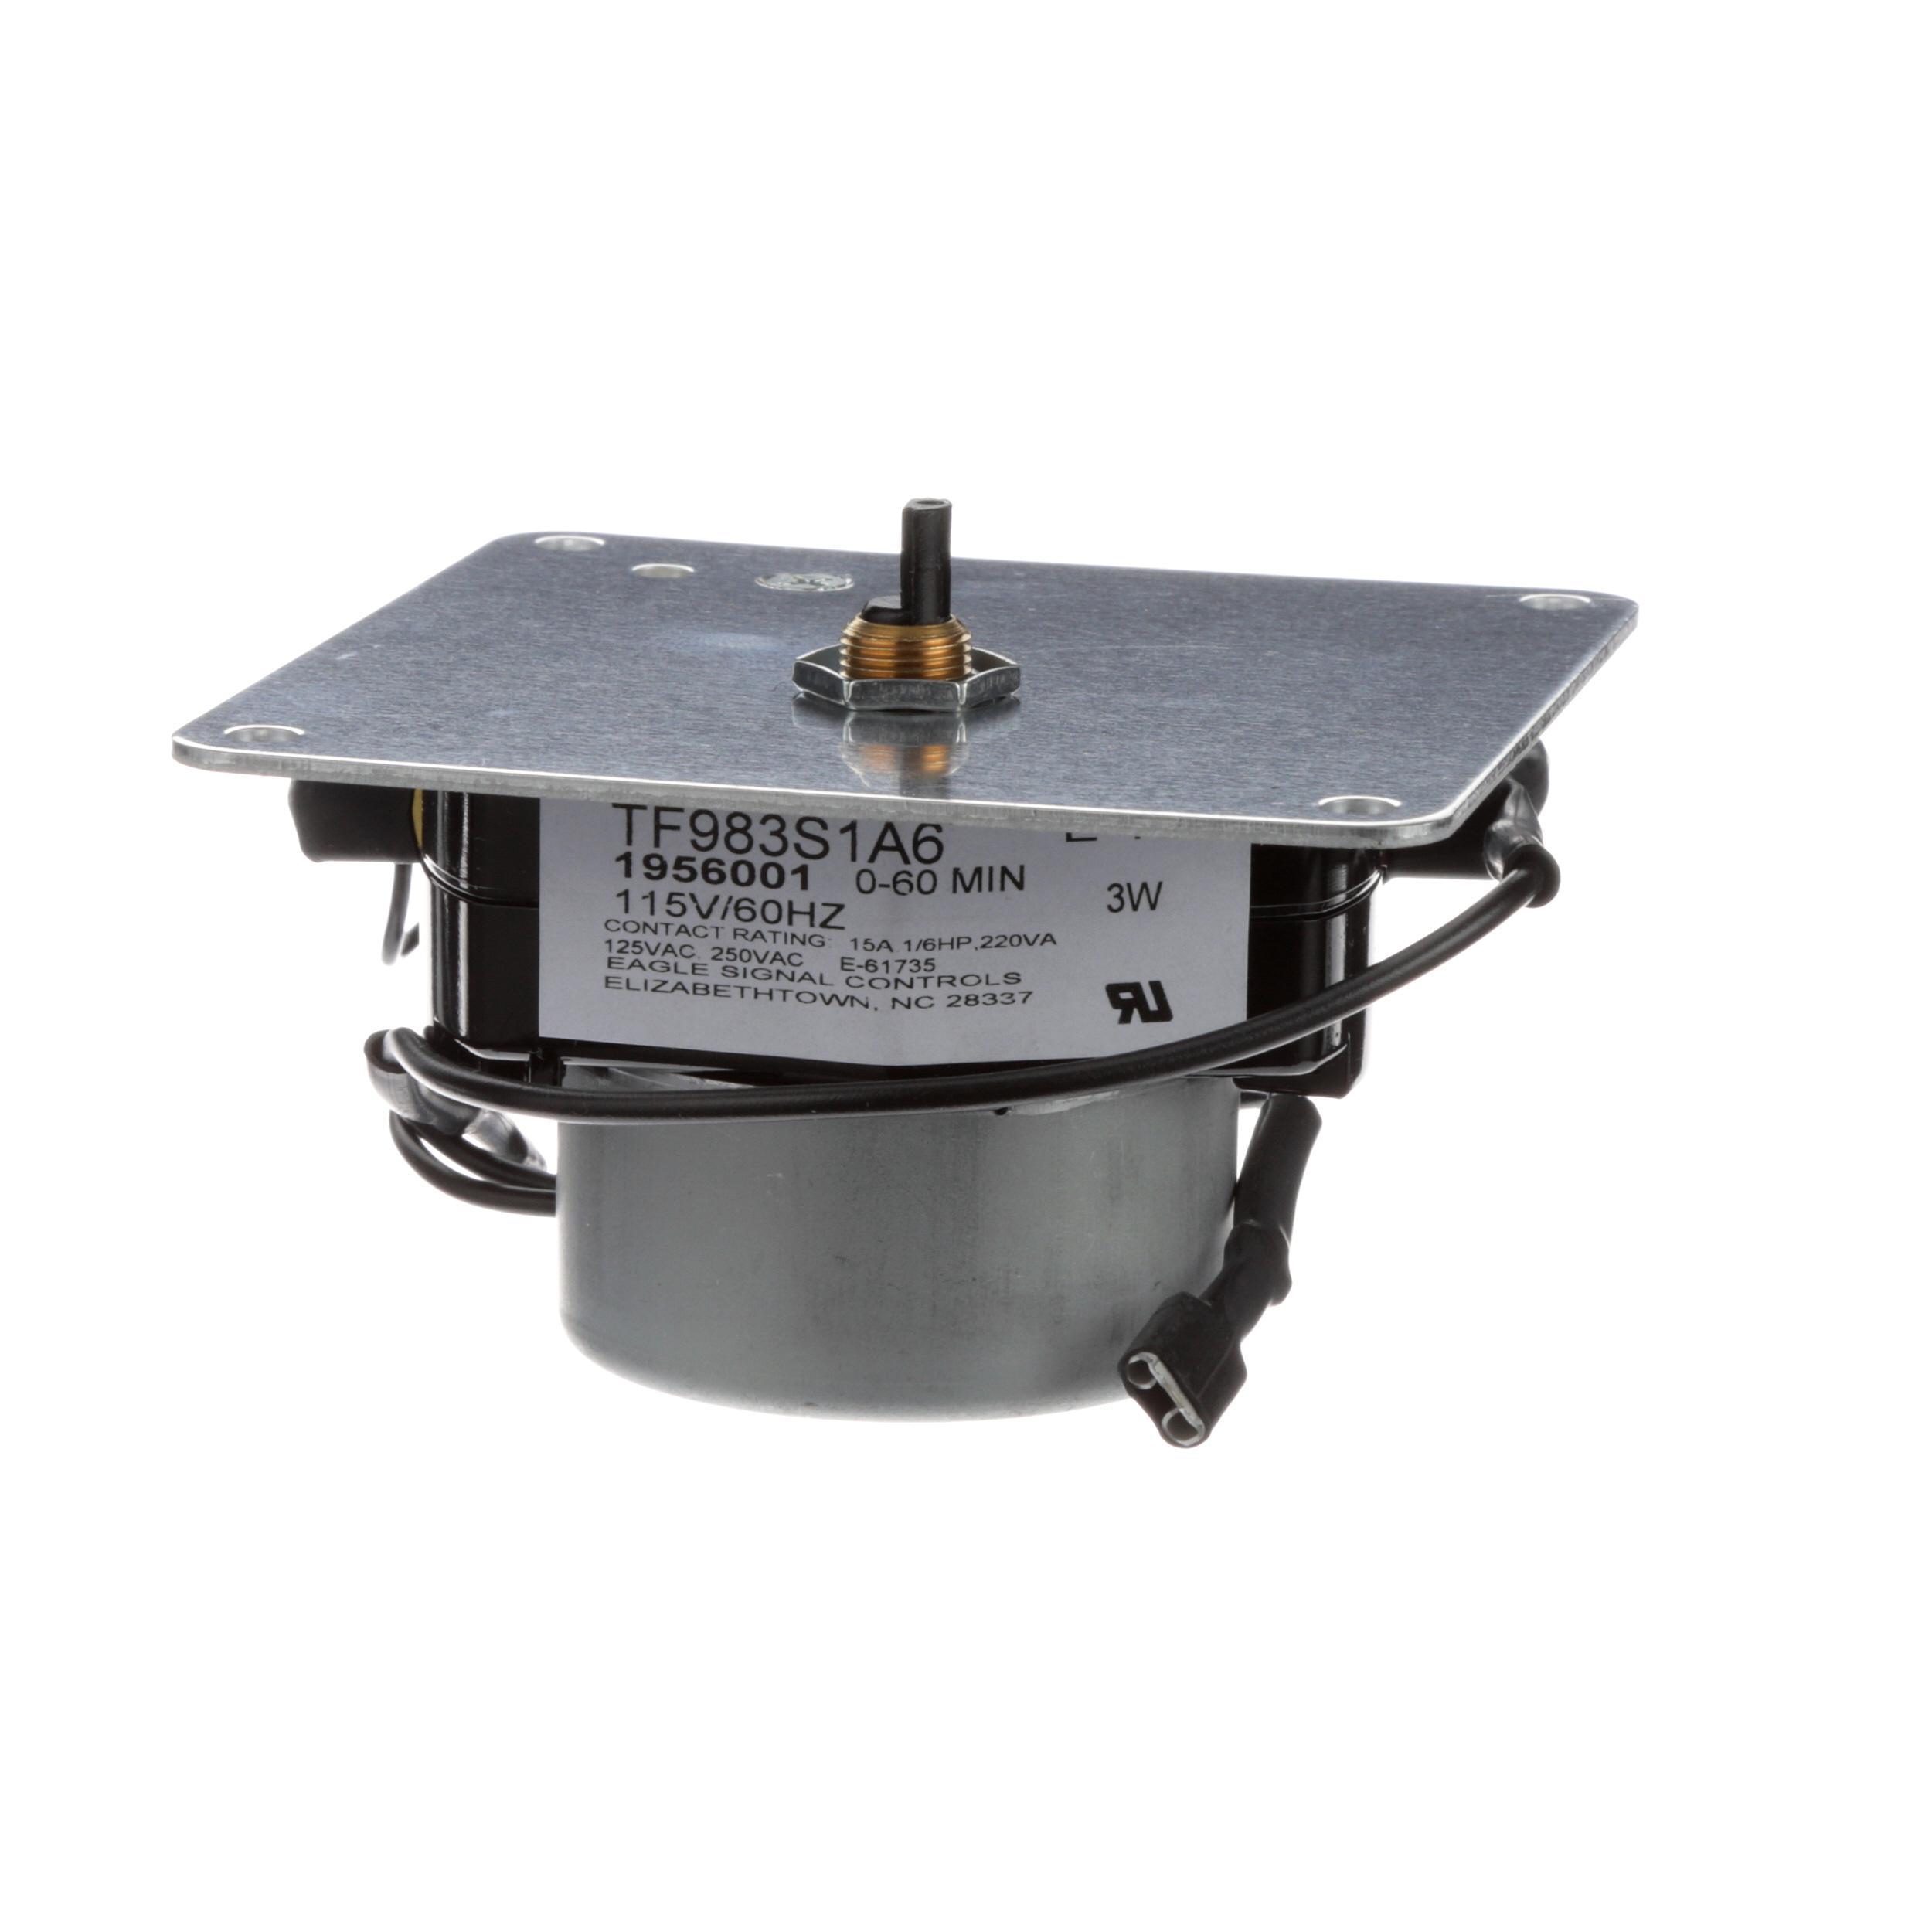 GARLAND TIMER - 1 HR- 115V W/ALARM